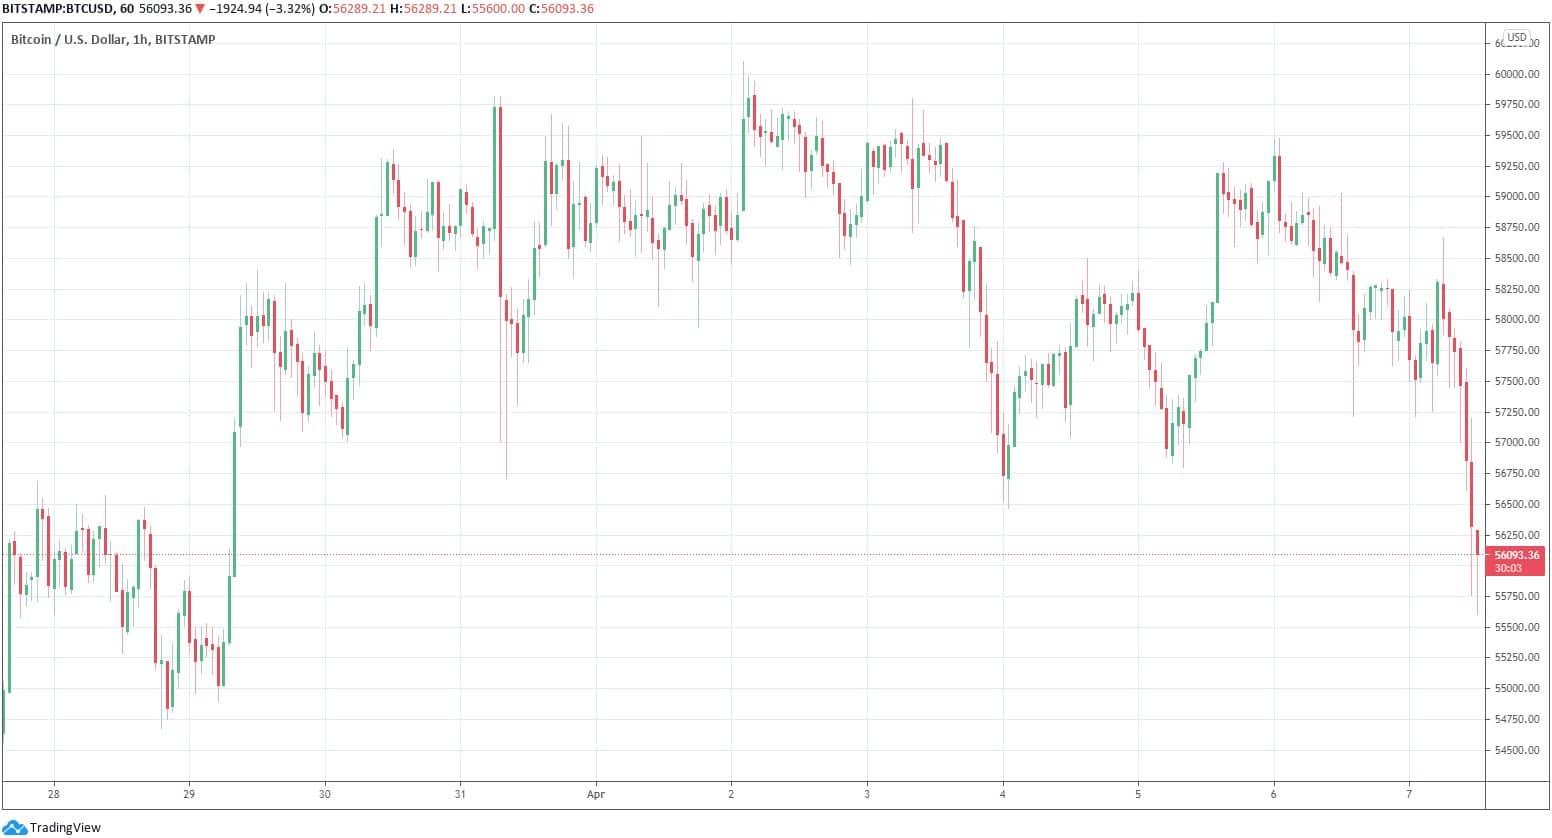 bitcoin long Bitcoin borsalarında kanli gün! Longlar da shortlar da ağır yaralı!